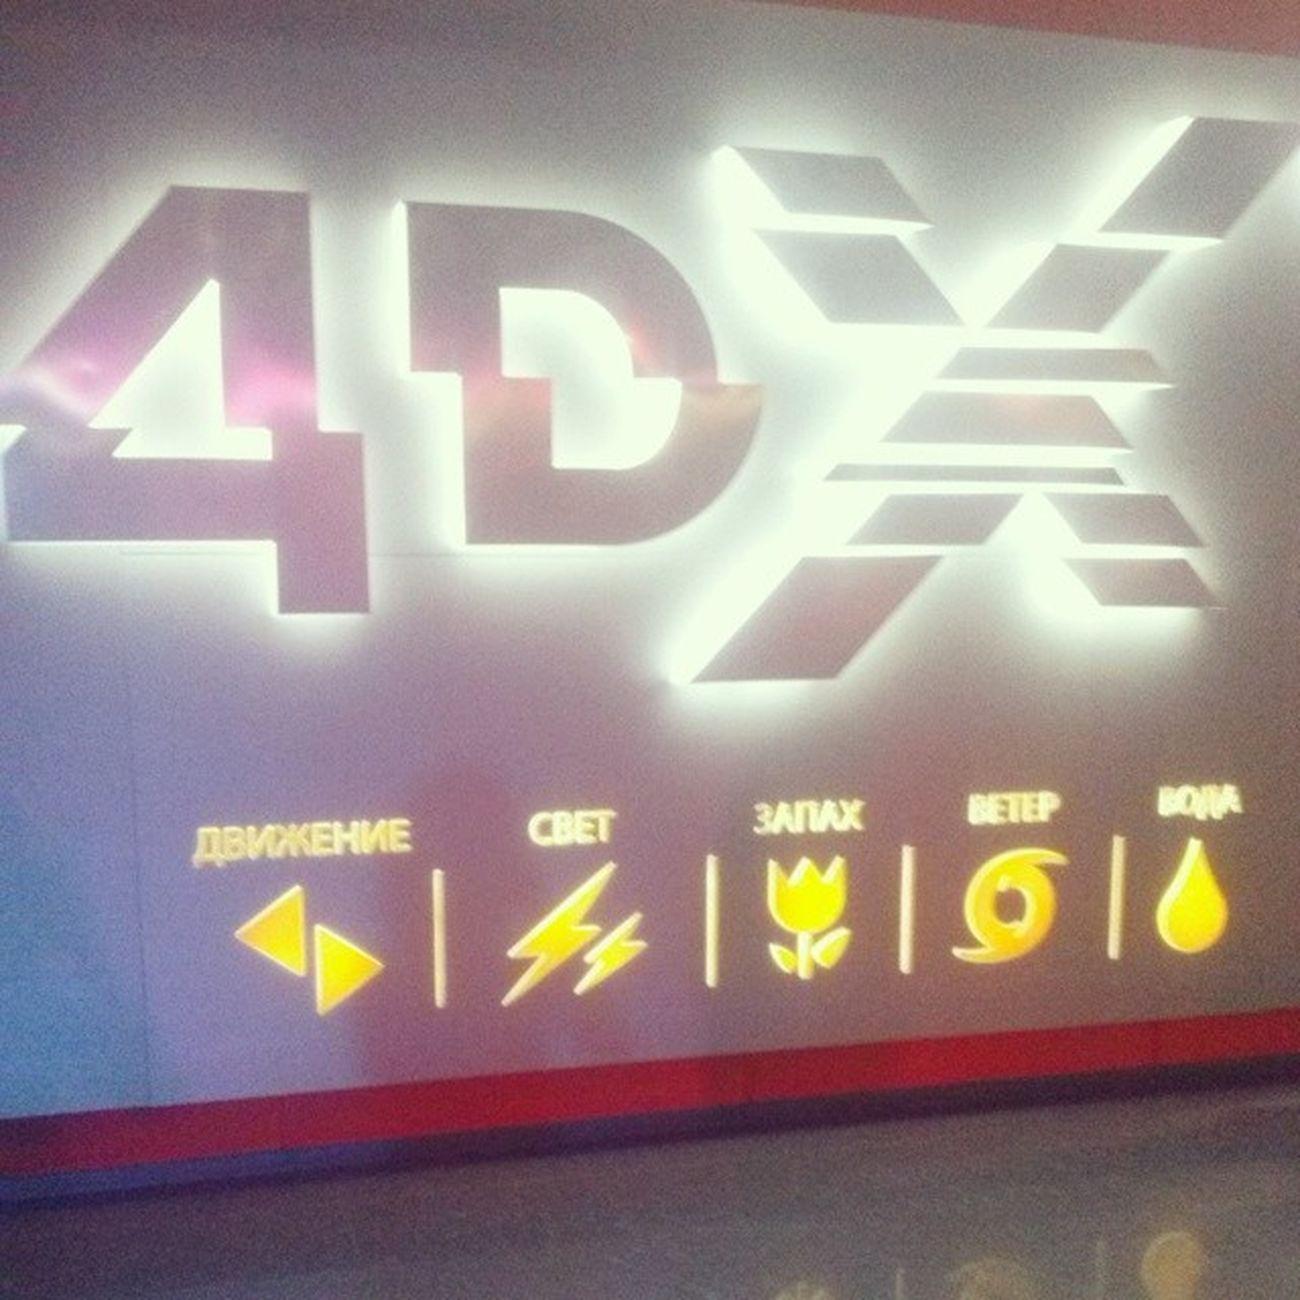 Обожаю кино синемапарк 4DX